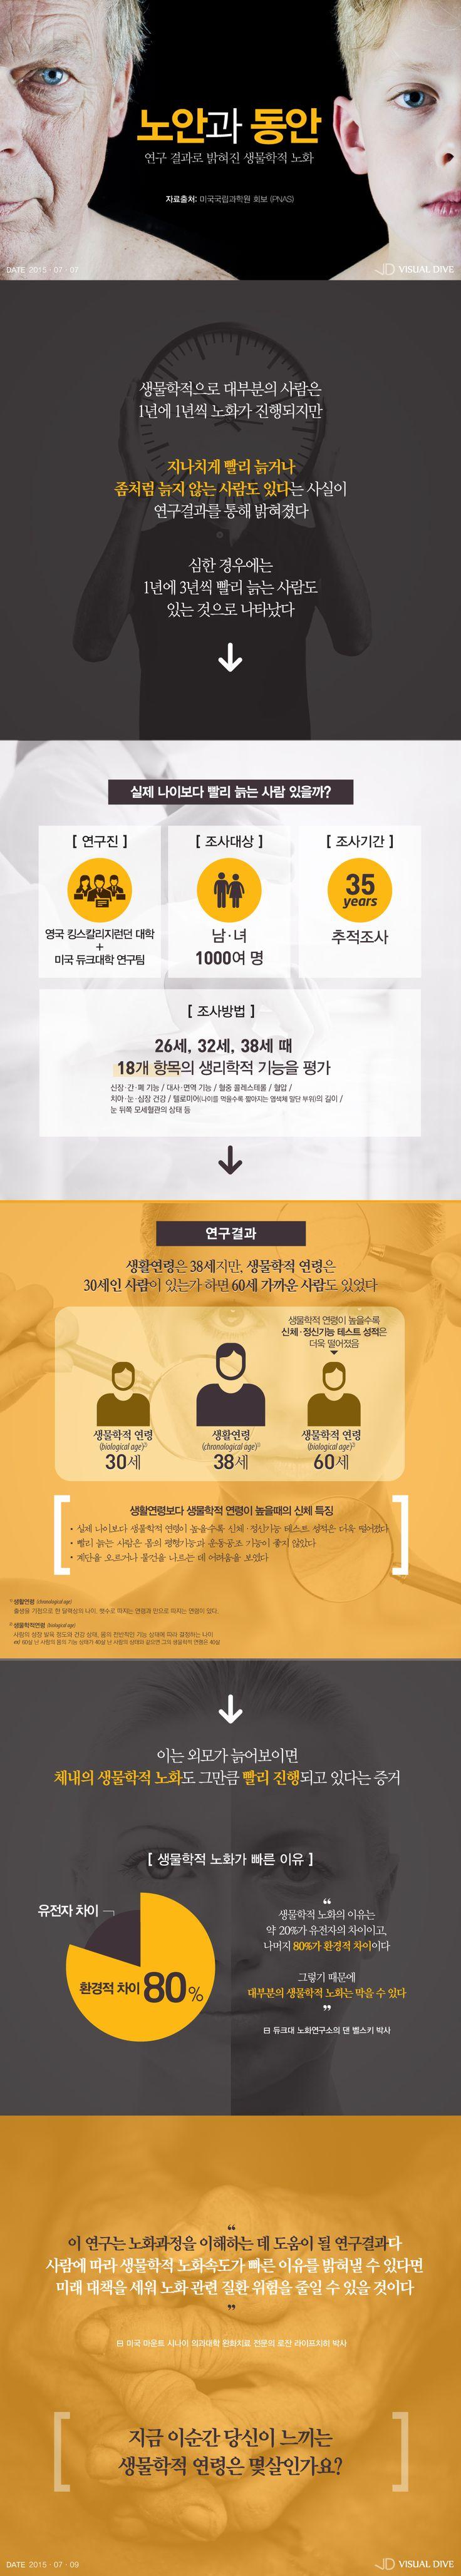 """美 연구팀 """"실제 나이보다 빨리 늙는 사람 있다"""" [인포그래픽] #baby_face / #Infographic ⓒ 비주얼다이브 무단 복사·전재·재배포 금지"""